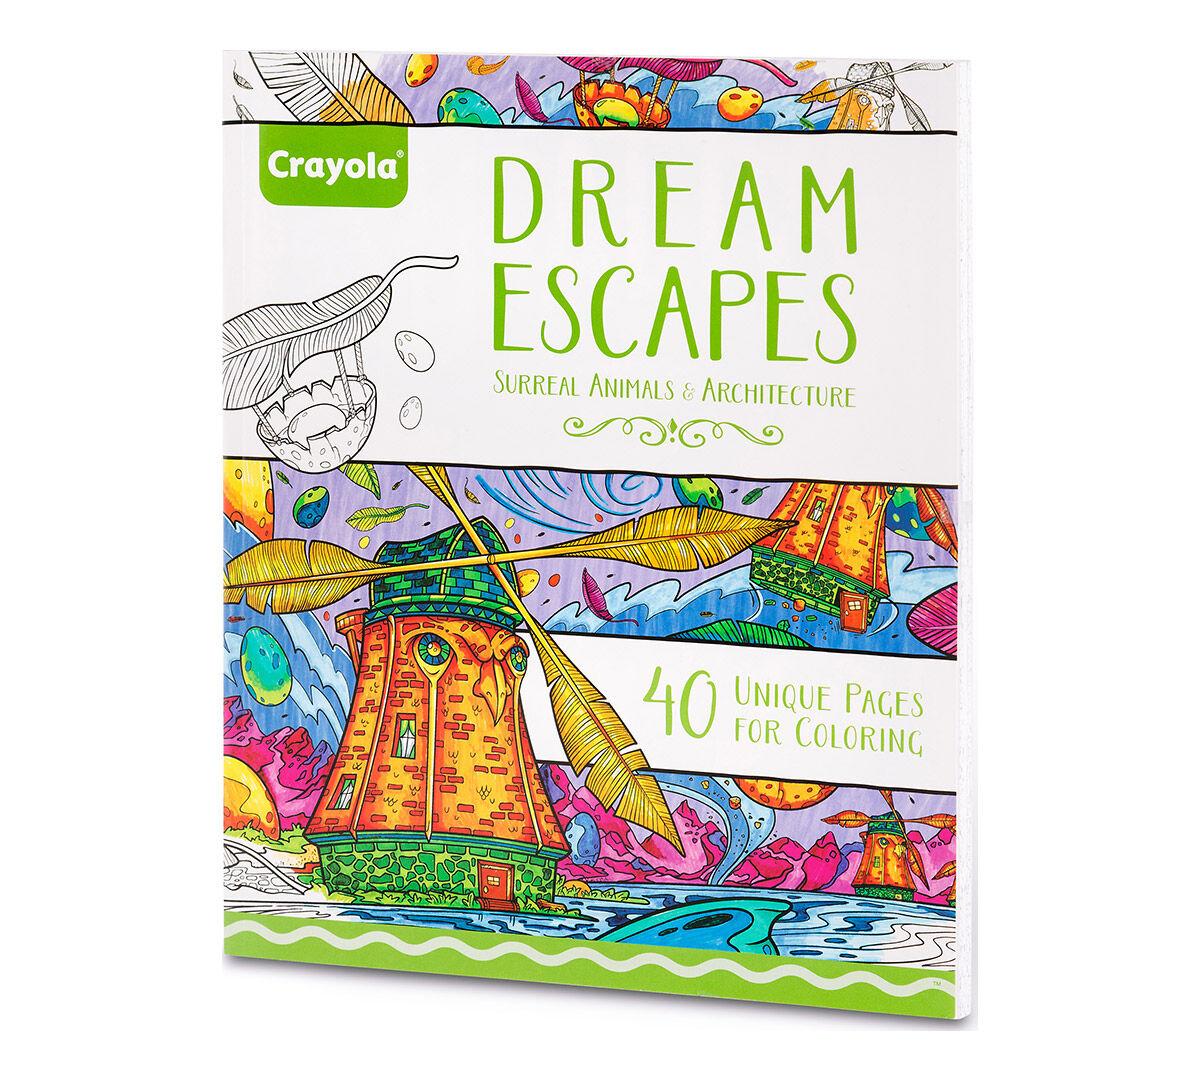 Crayola Dream Escapes Adult Coloring